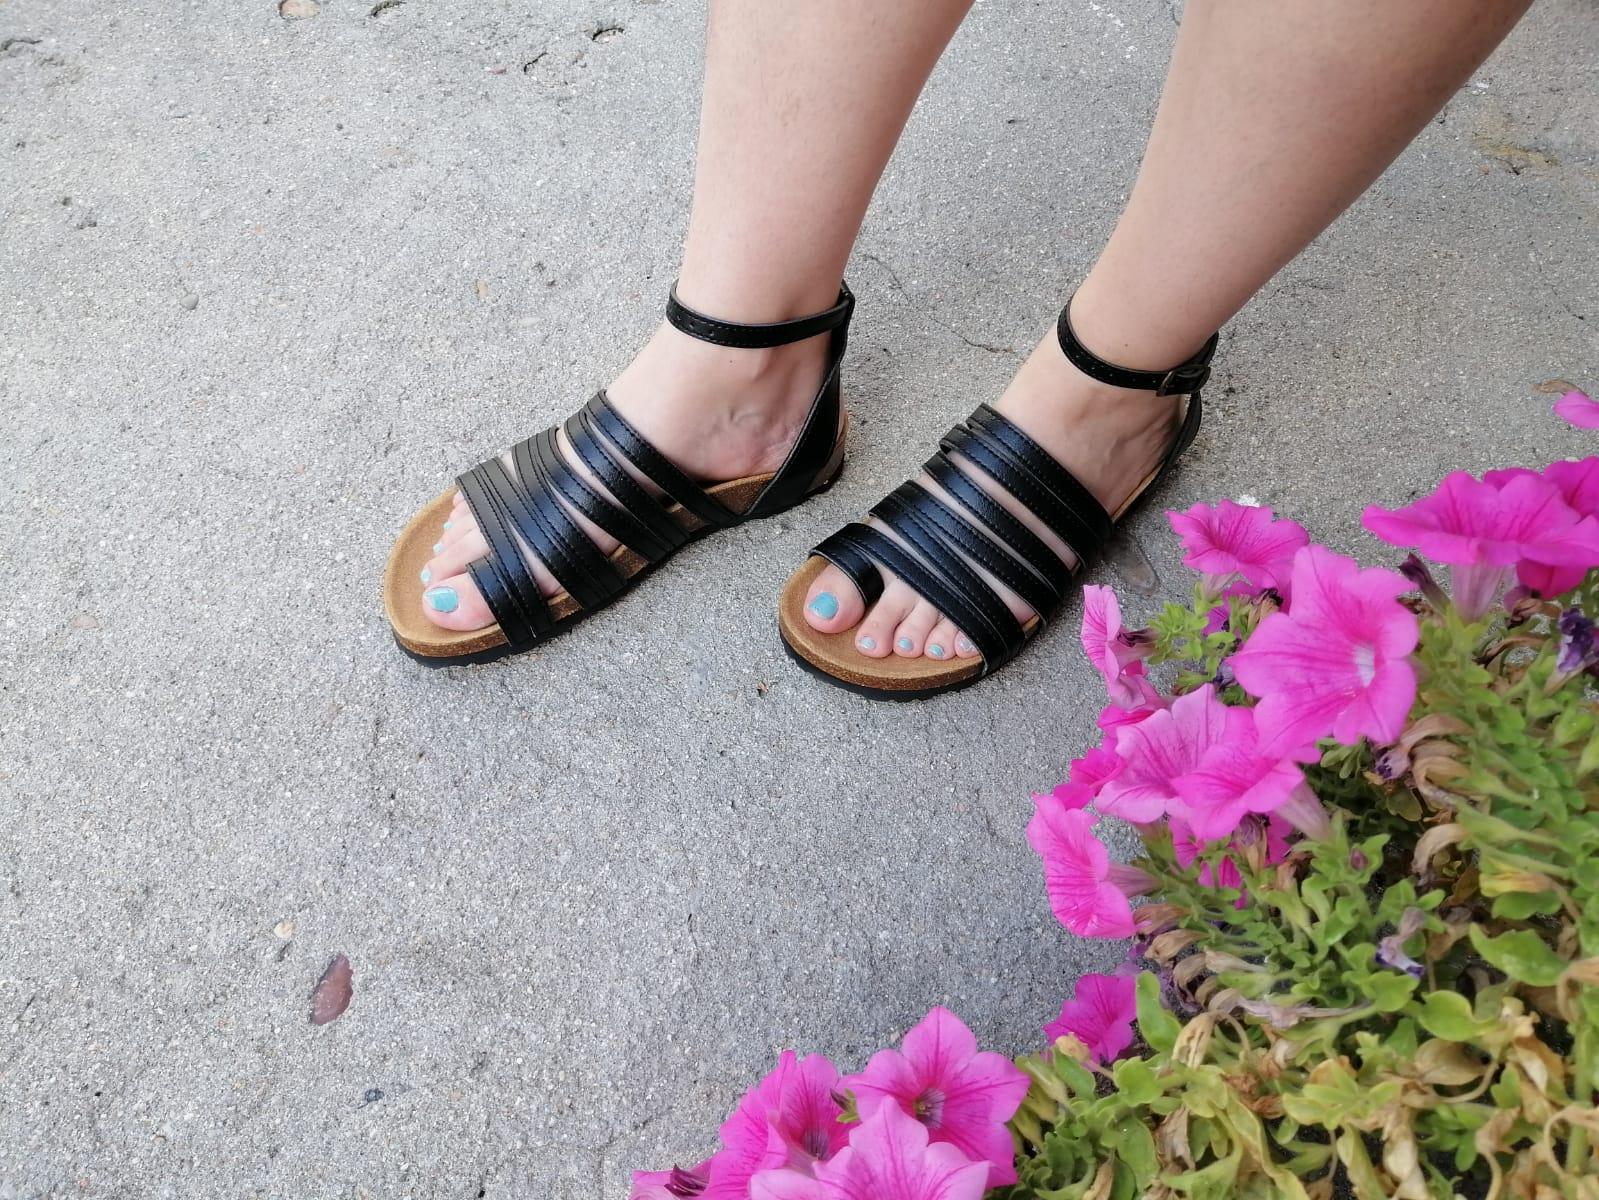 sandalias veganas, sandalias veganas mujer, calzado vegano, sandalias de tacón bajo, sandalias bioworld, vegan shoes. modelo BALBOA NEGRO con COSIDO